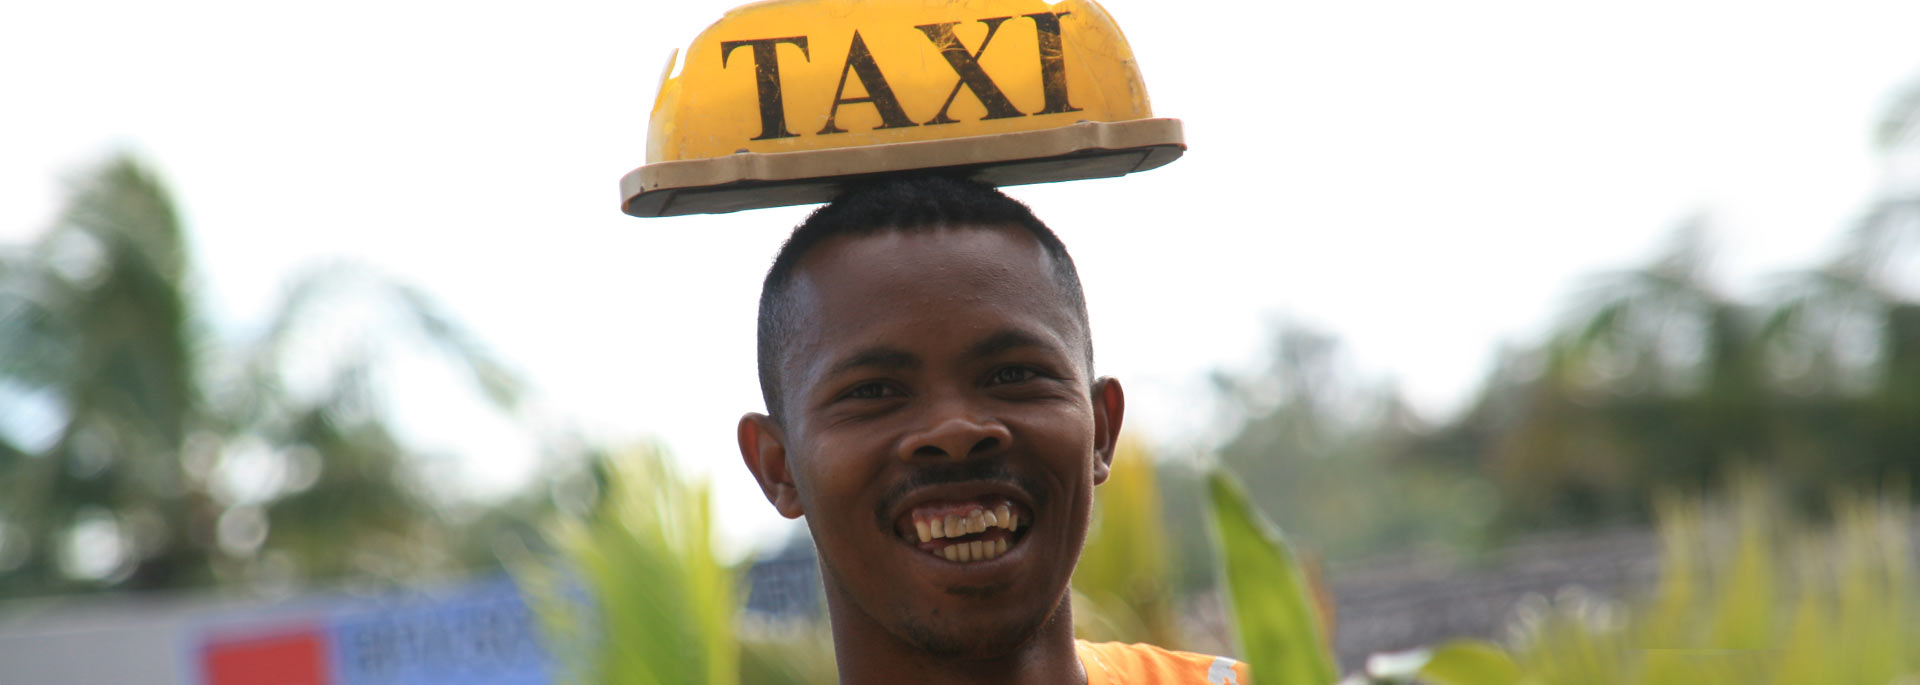 Reisetipp: Es gibt Verrückte - und es gibt Taxifahrer